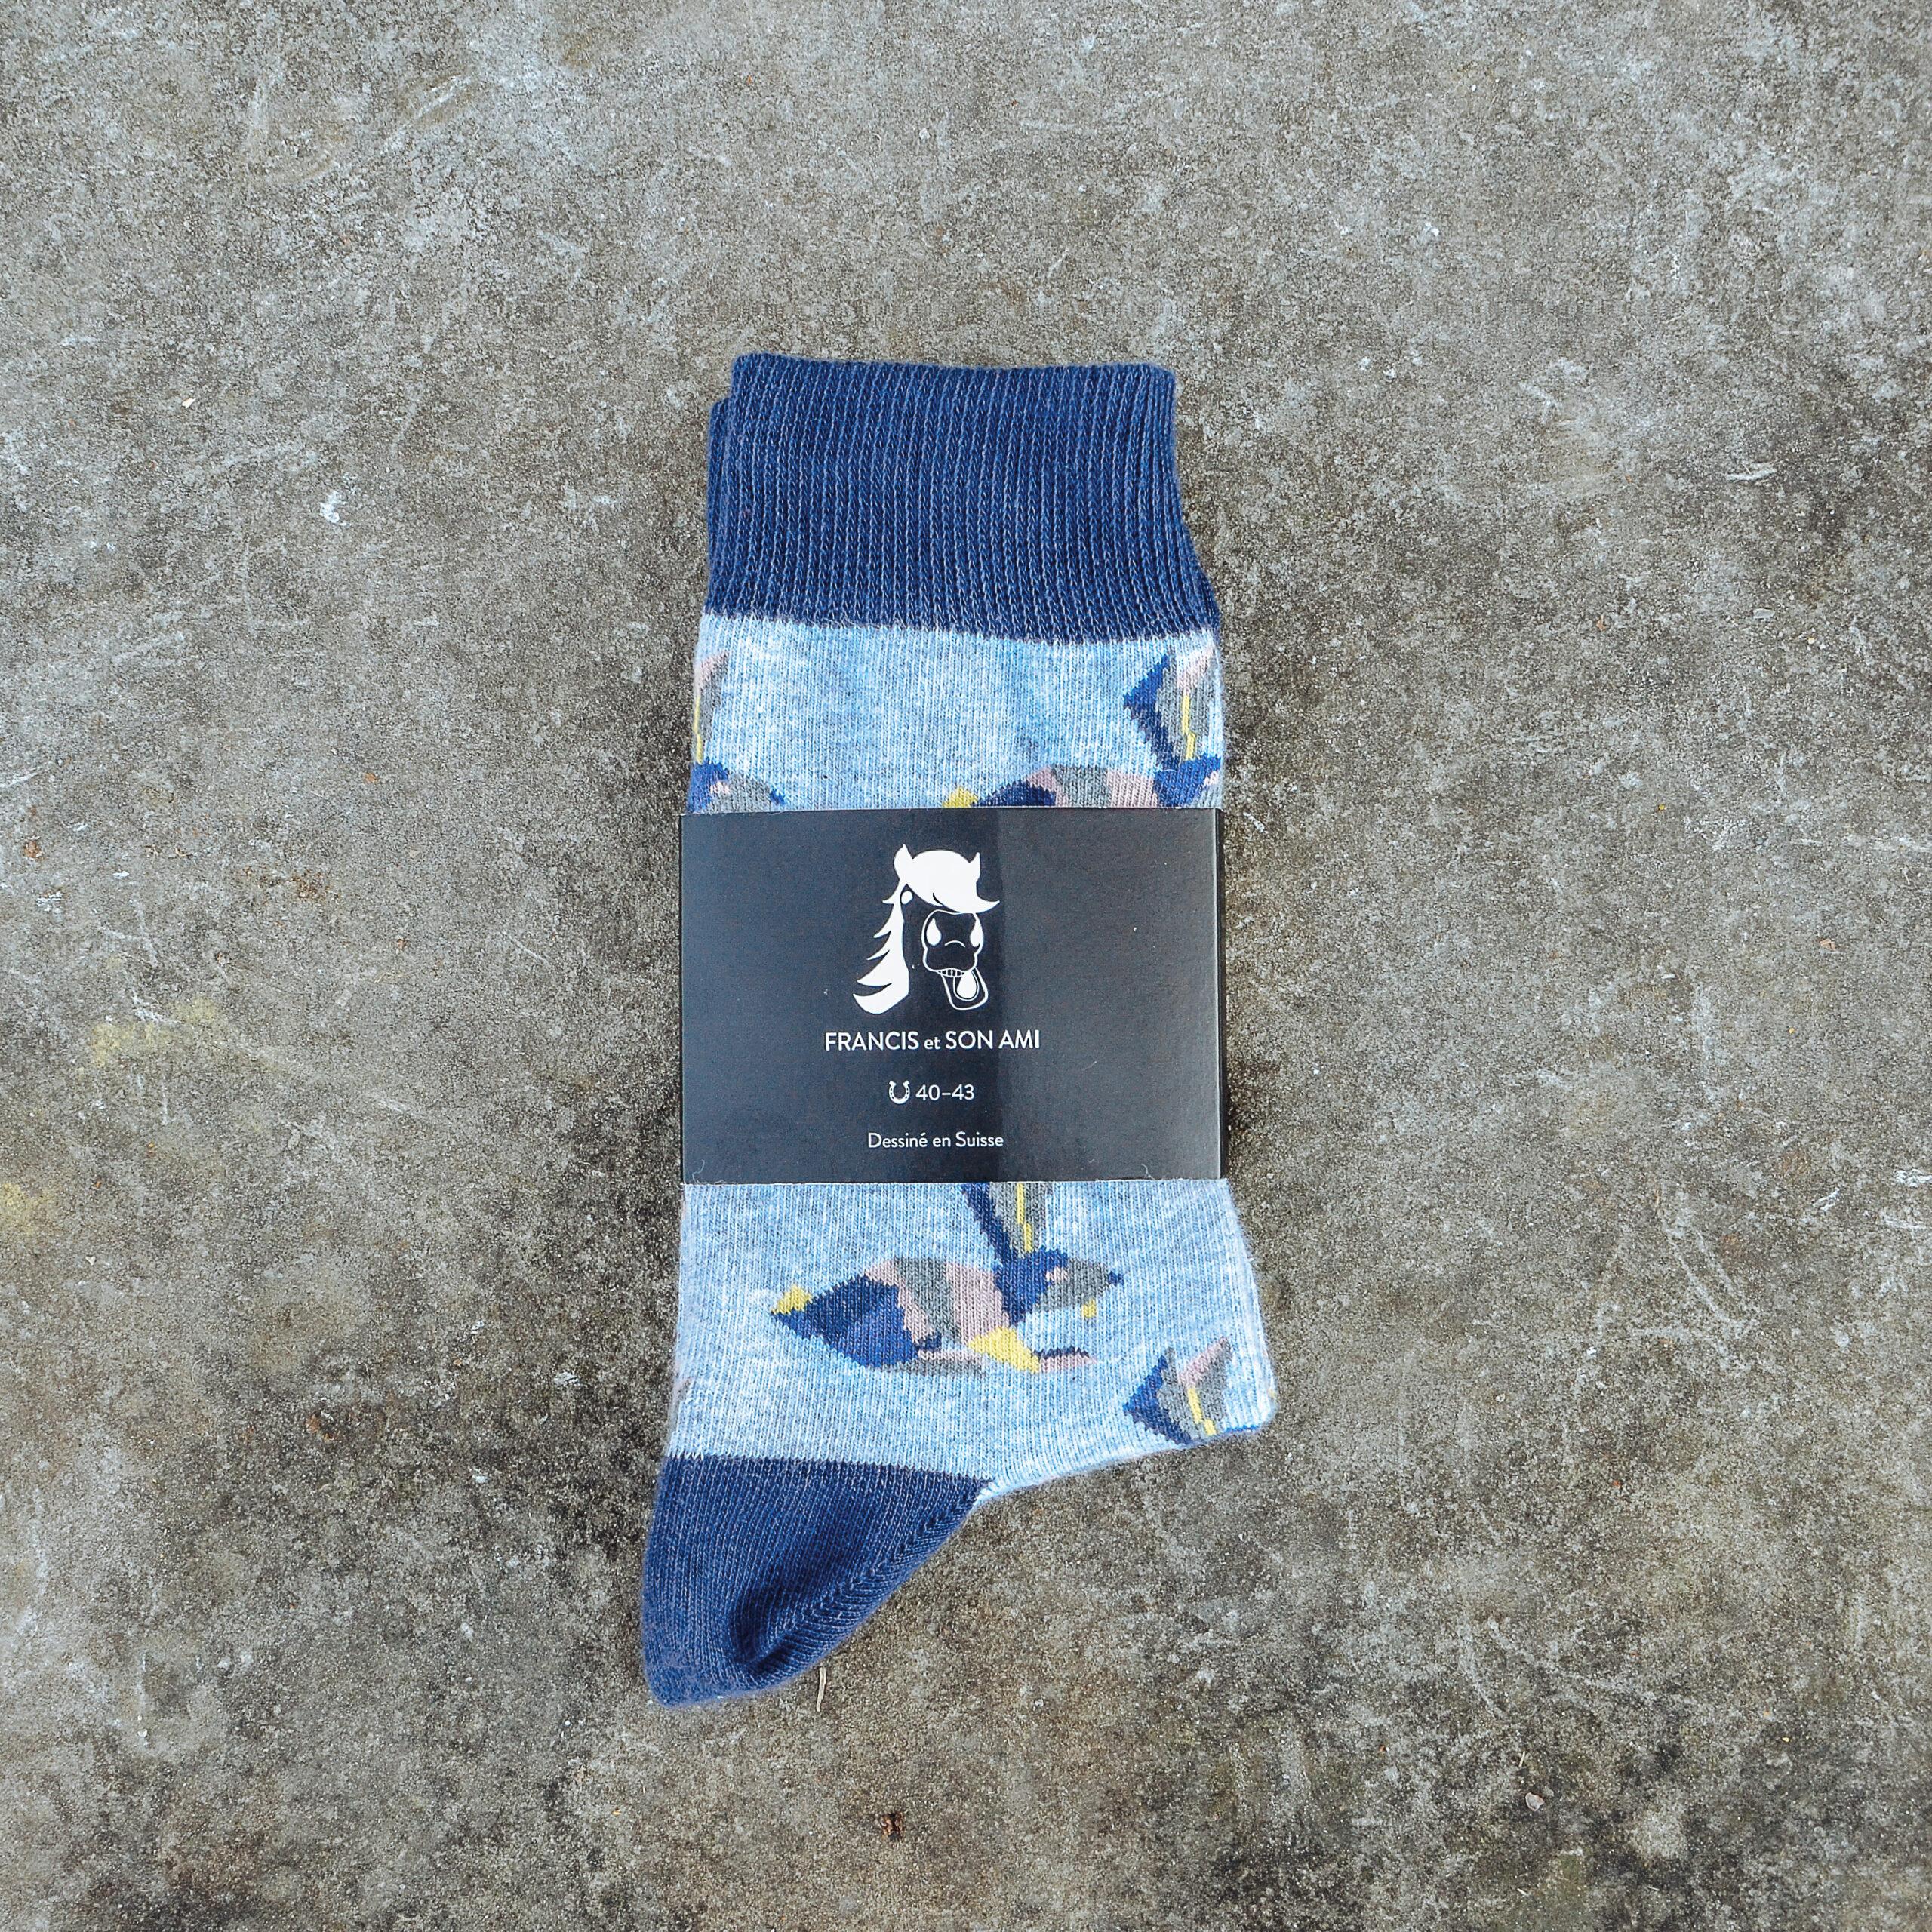 Farbige Socken Bunny von FRANCIS et SON AMI